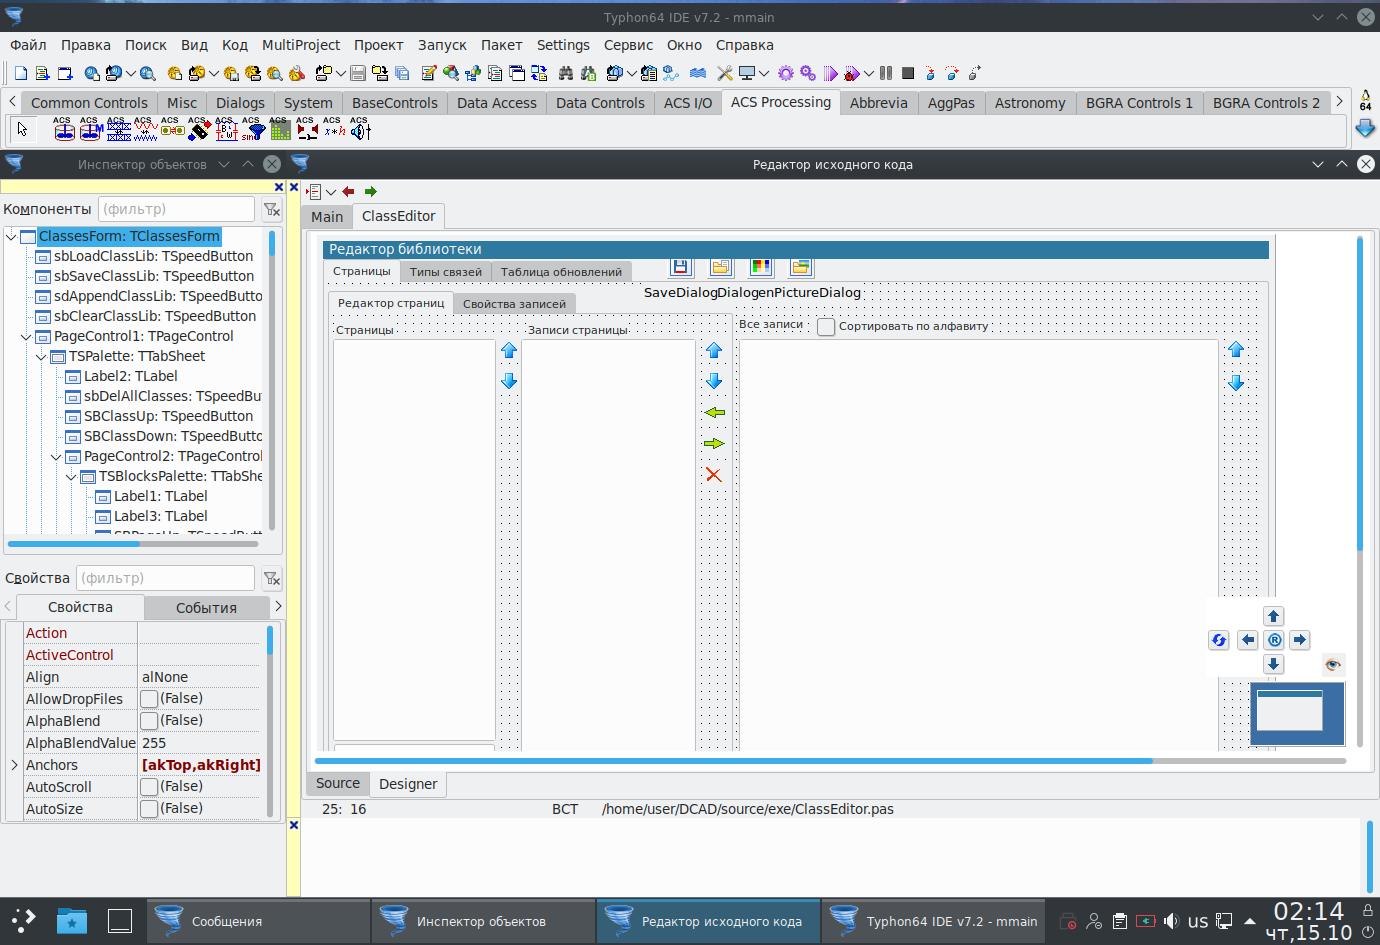 Особенности портирования сложного модульного ПО написанного на Delphi под ОС Linux - 5